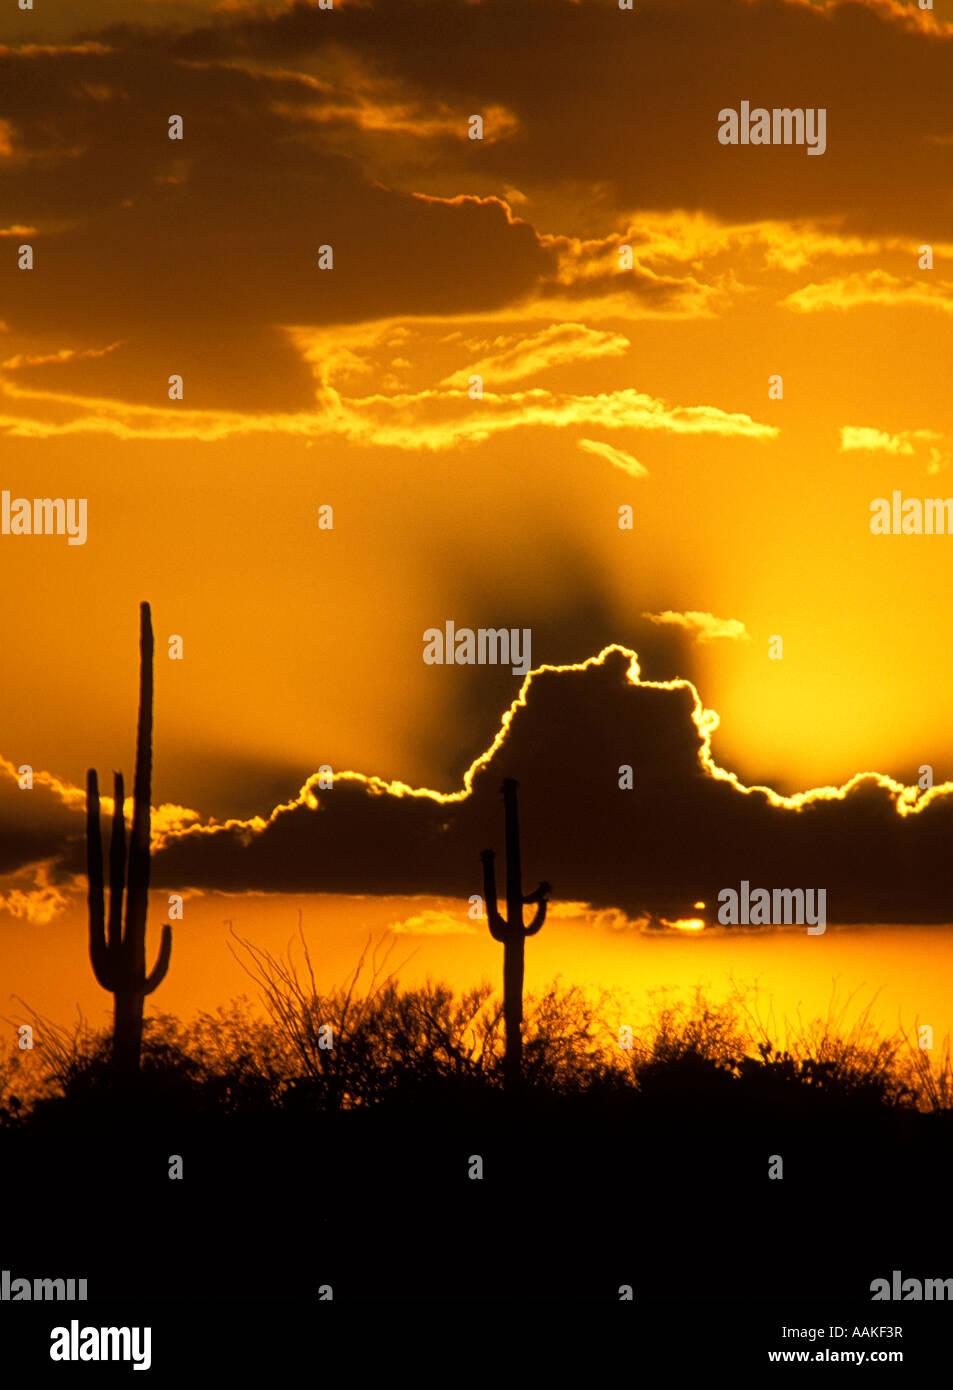 Espectacular atardecer en el Parque Nacional de Saguaro East side Tucson Arizona Imagen De Stock